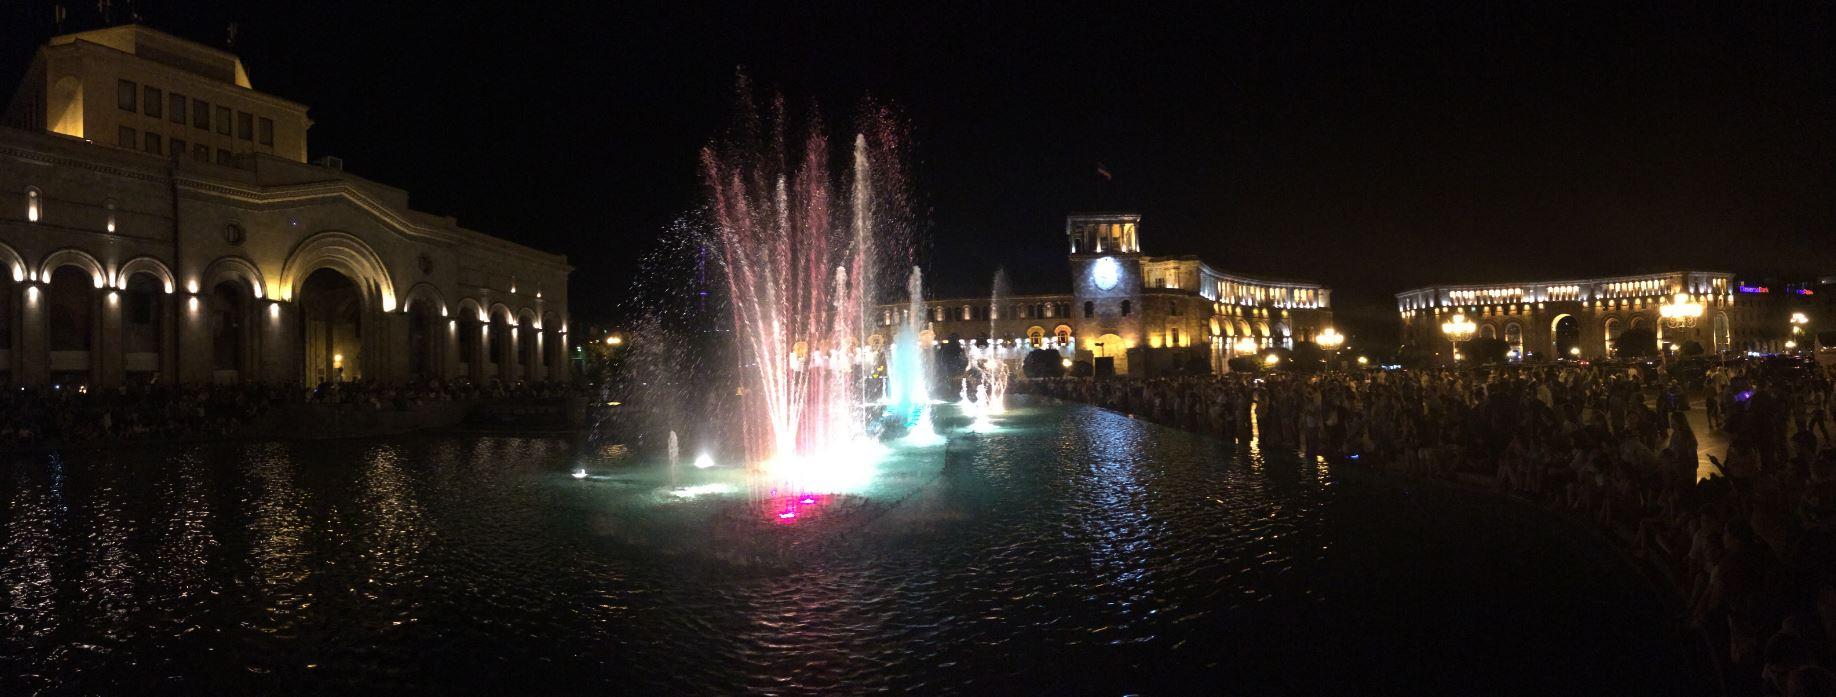 La noche armena